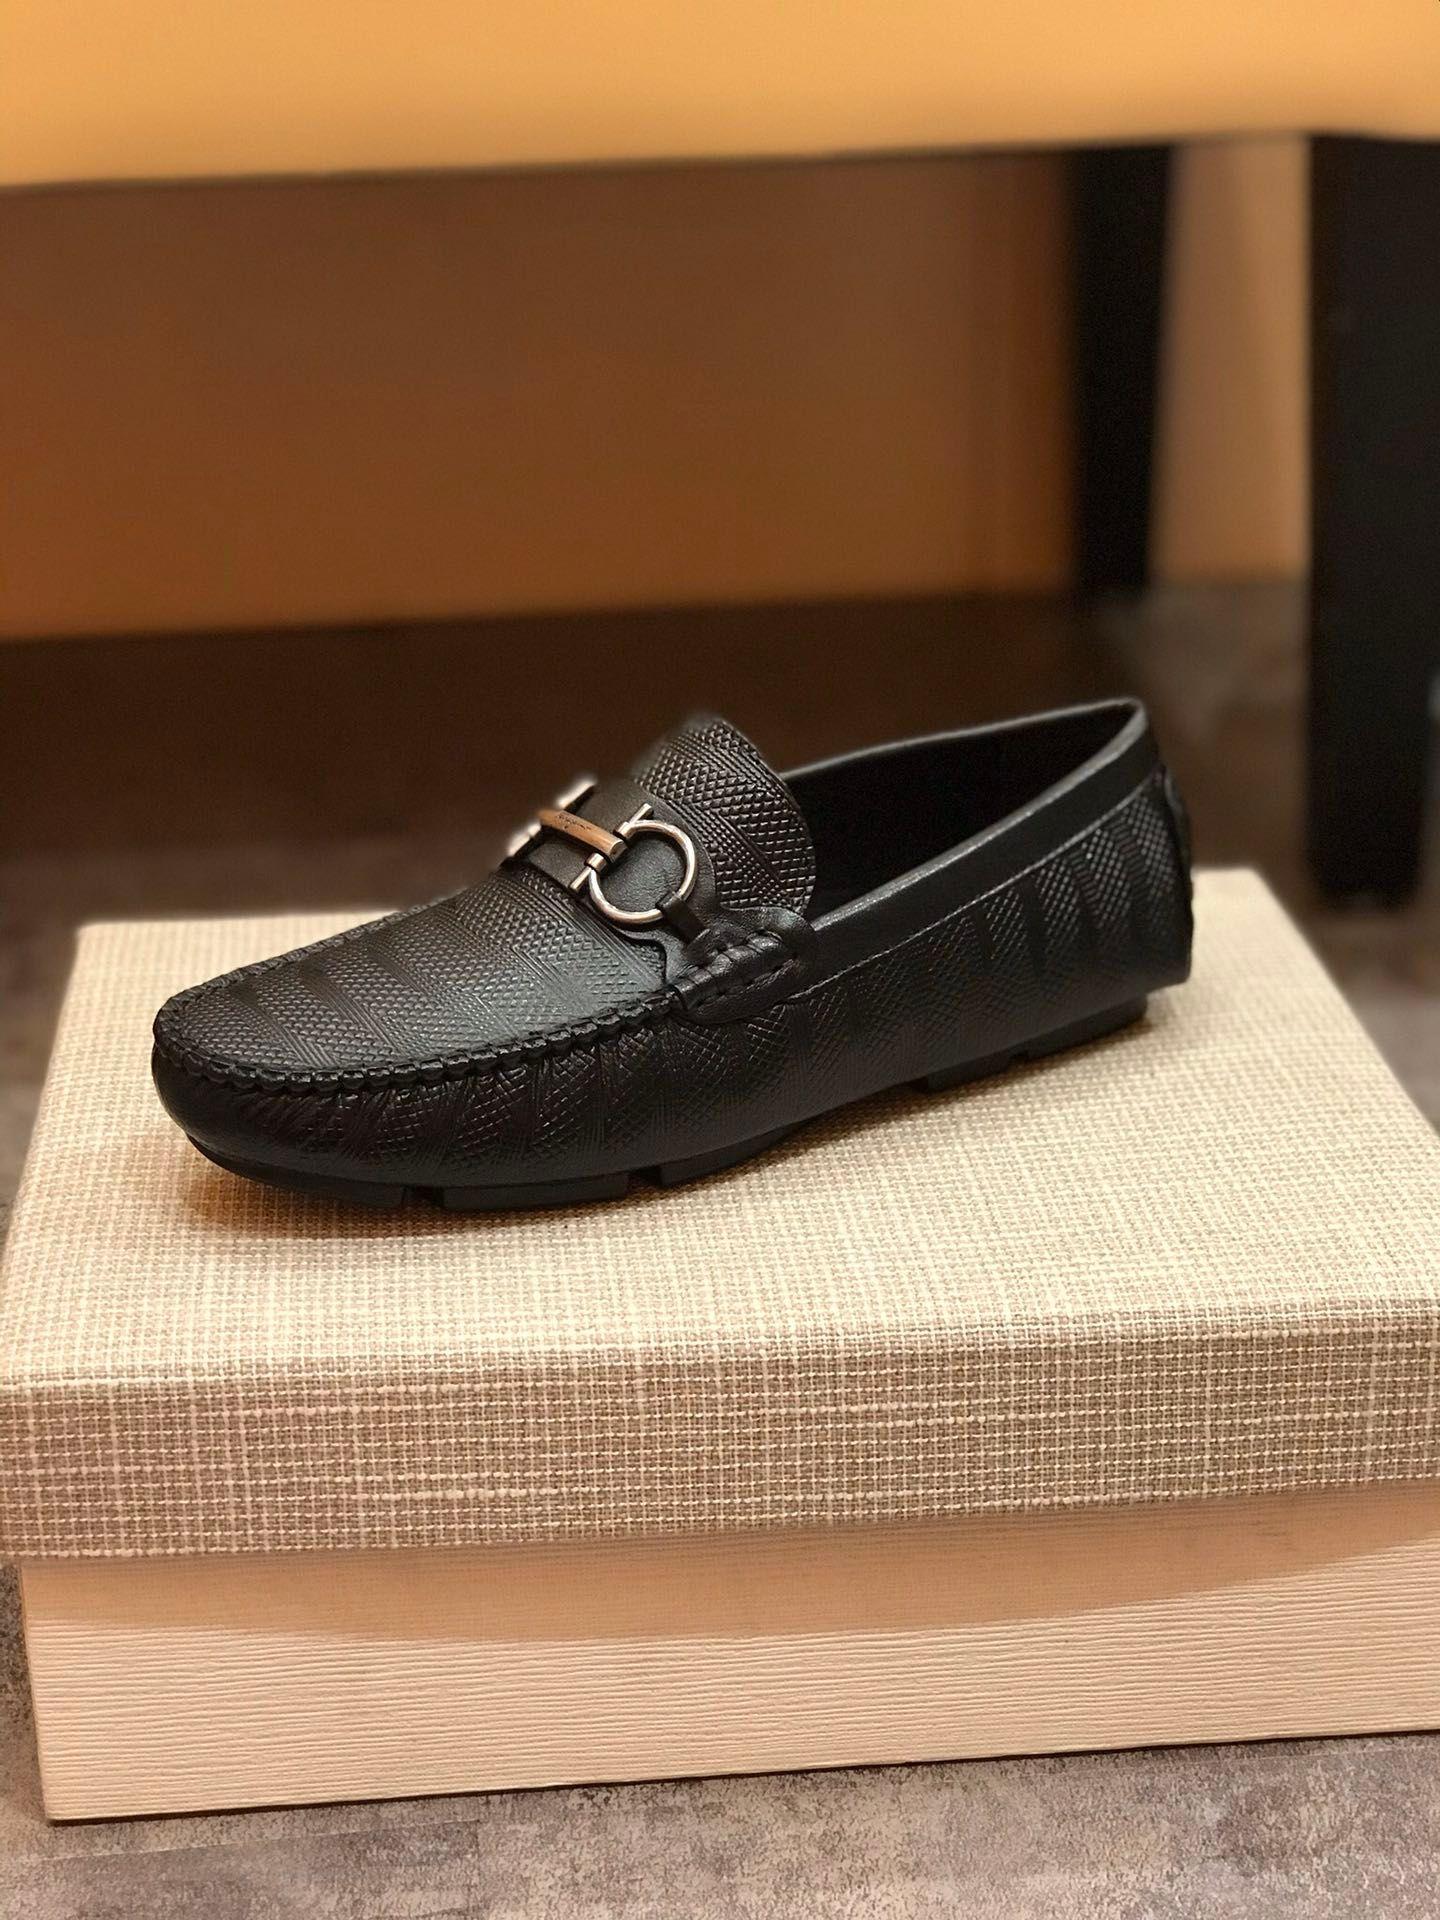 2020new высокого класса мужского натуральной кожи вождения обуви удобных мужчина # 39s свадебная обувь ПРОМ мужчин # 39s повседневная обувь металлической пряжка дизайн остроумие